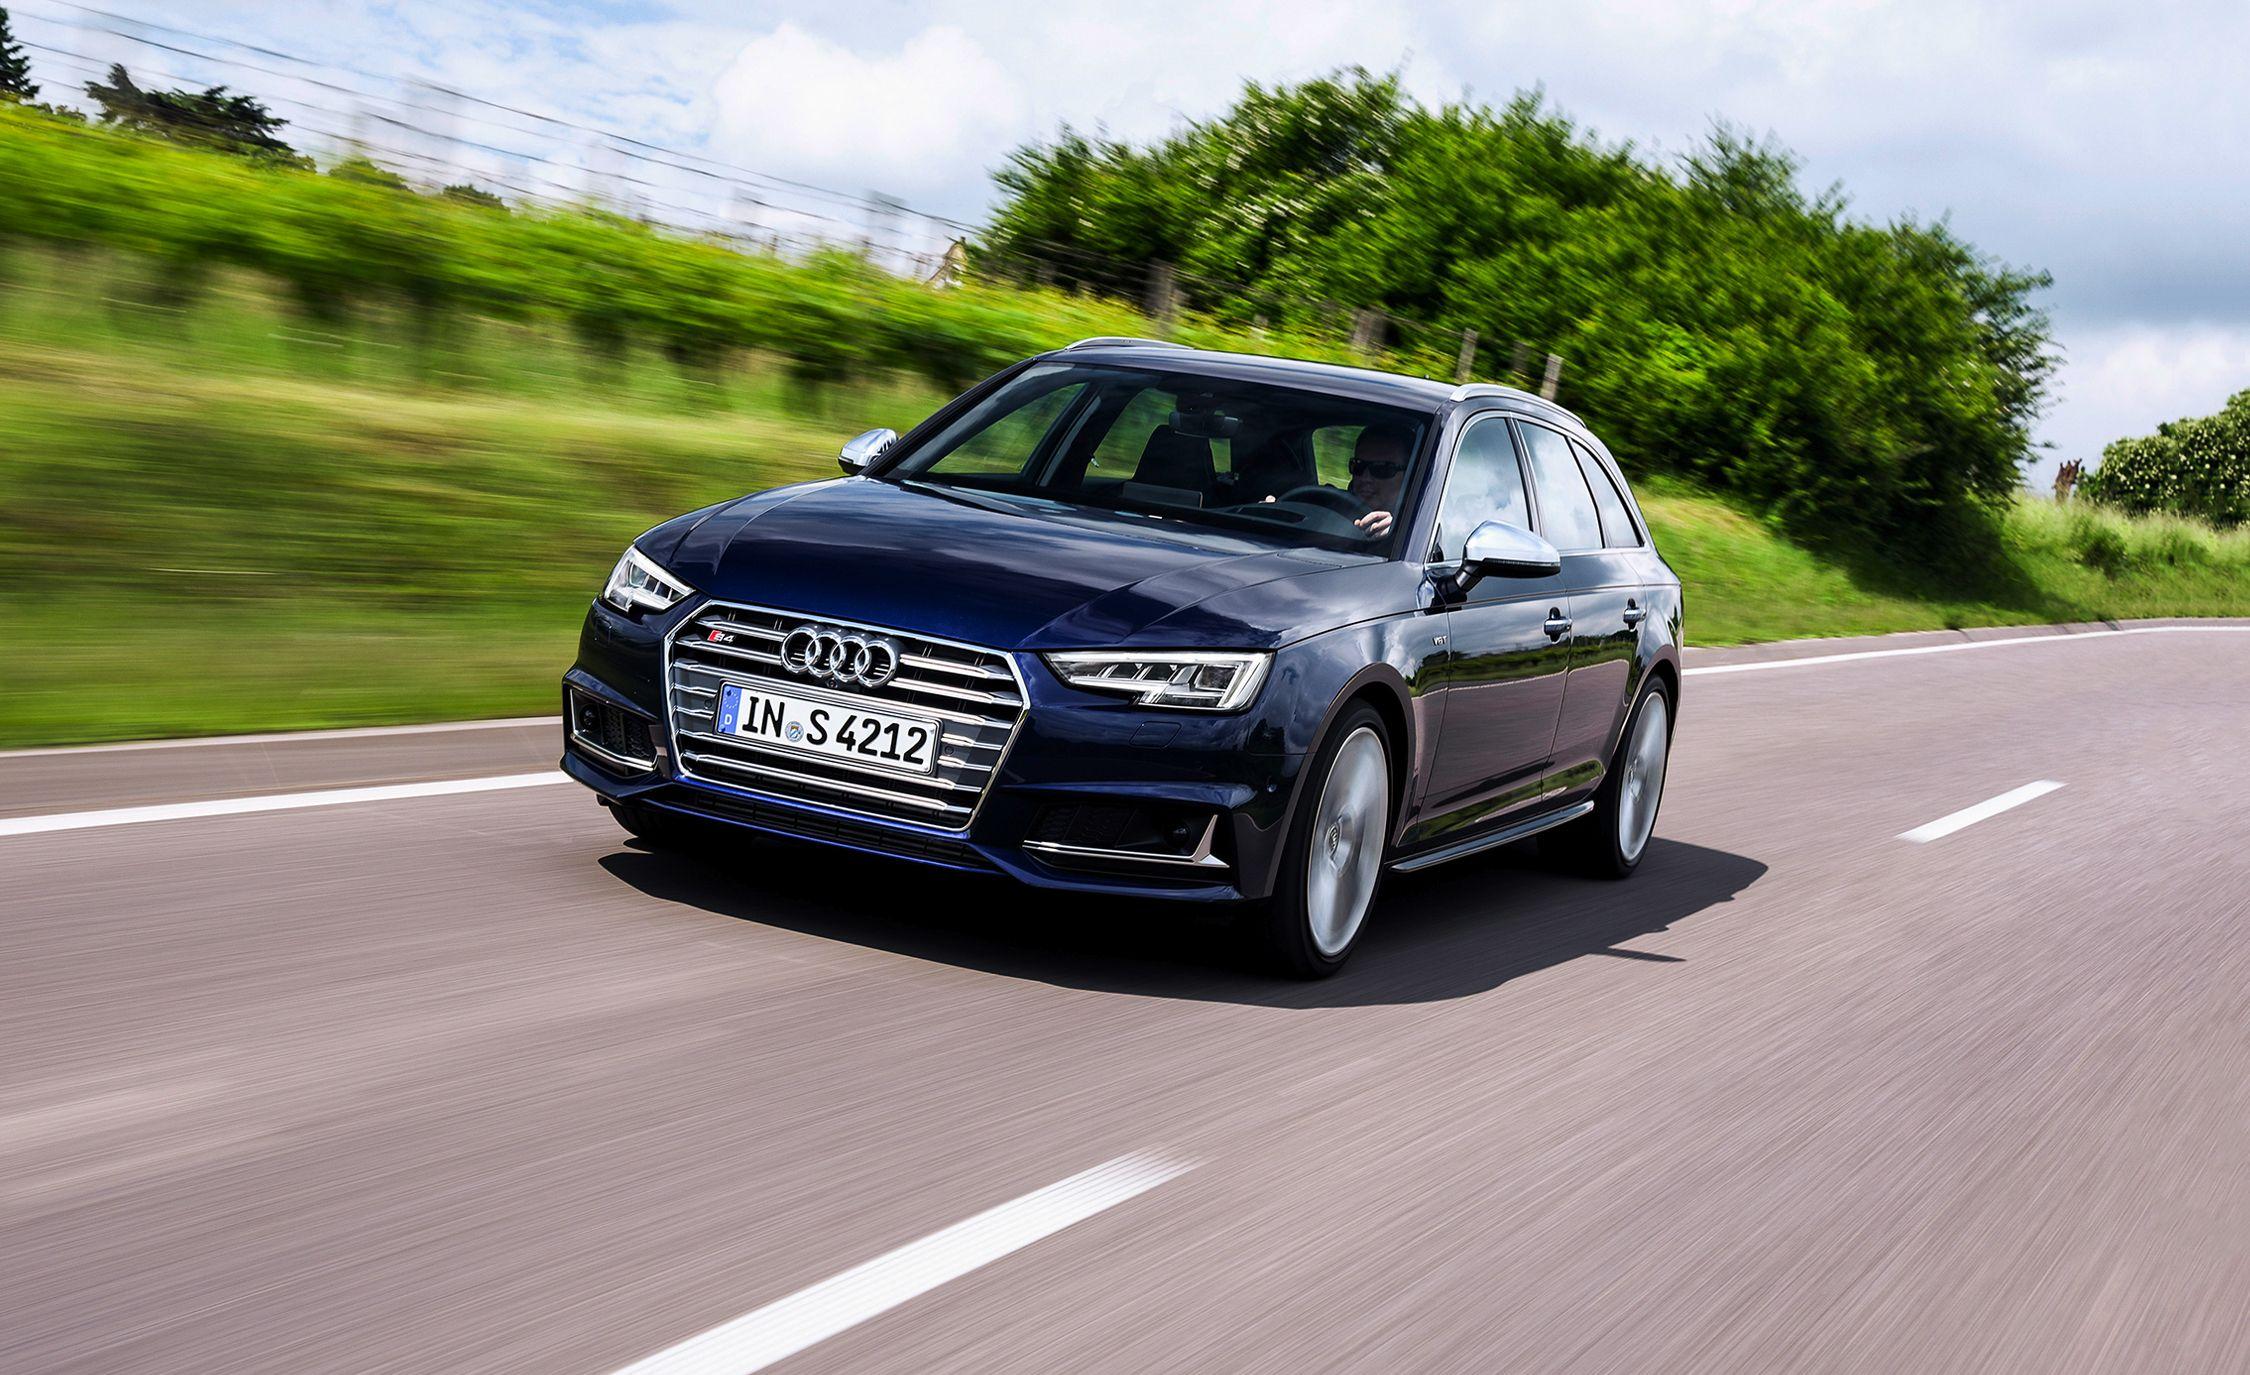 Kekurangan Audi S4 2017 Perbandingan Harga